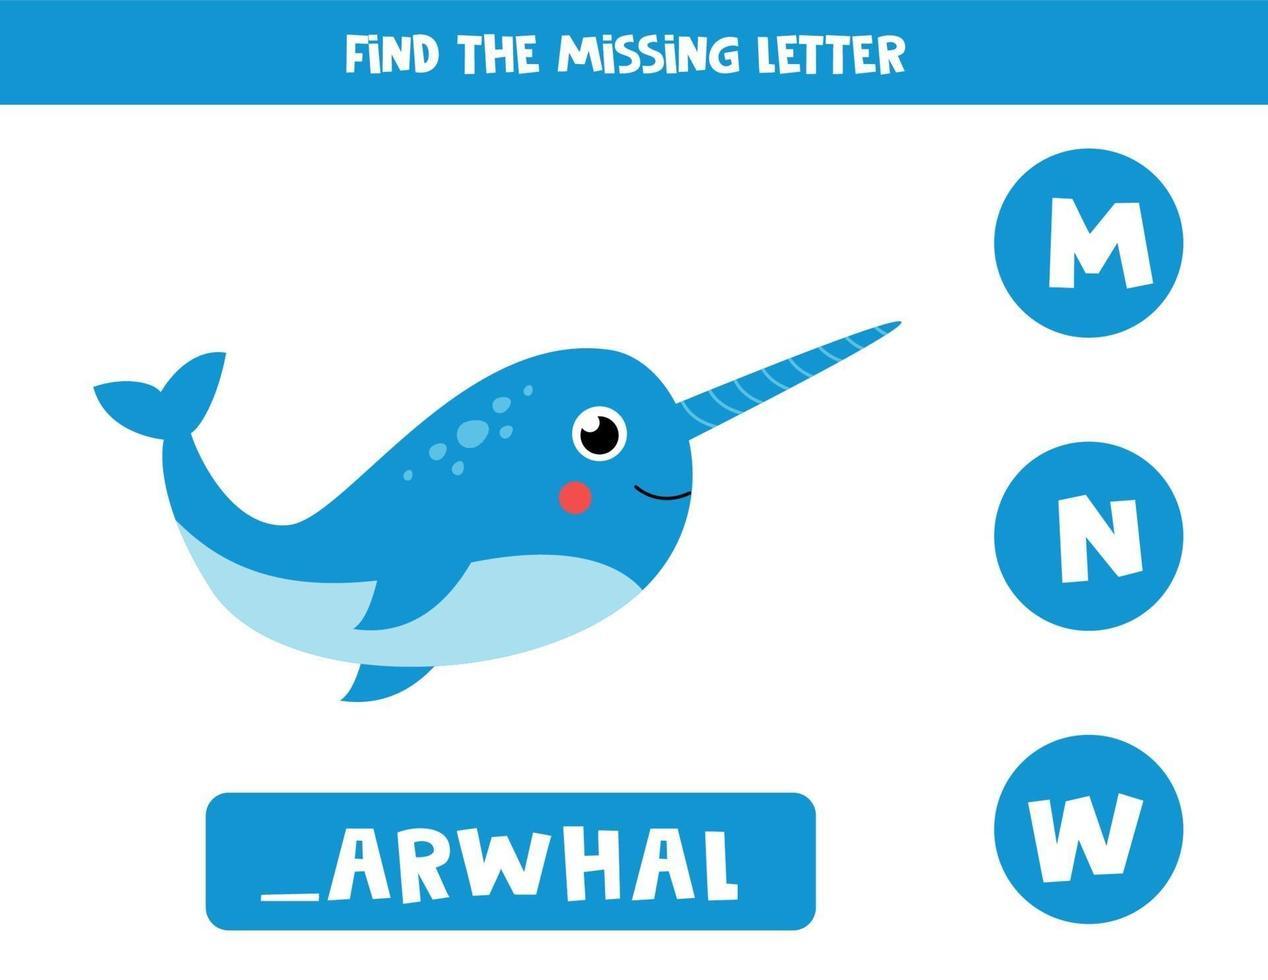 Finde den fehlenden Brief und schreibe ihn auf. süßer Cartoon-Narwal. vektor